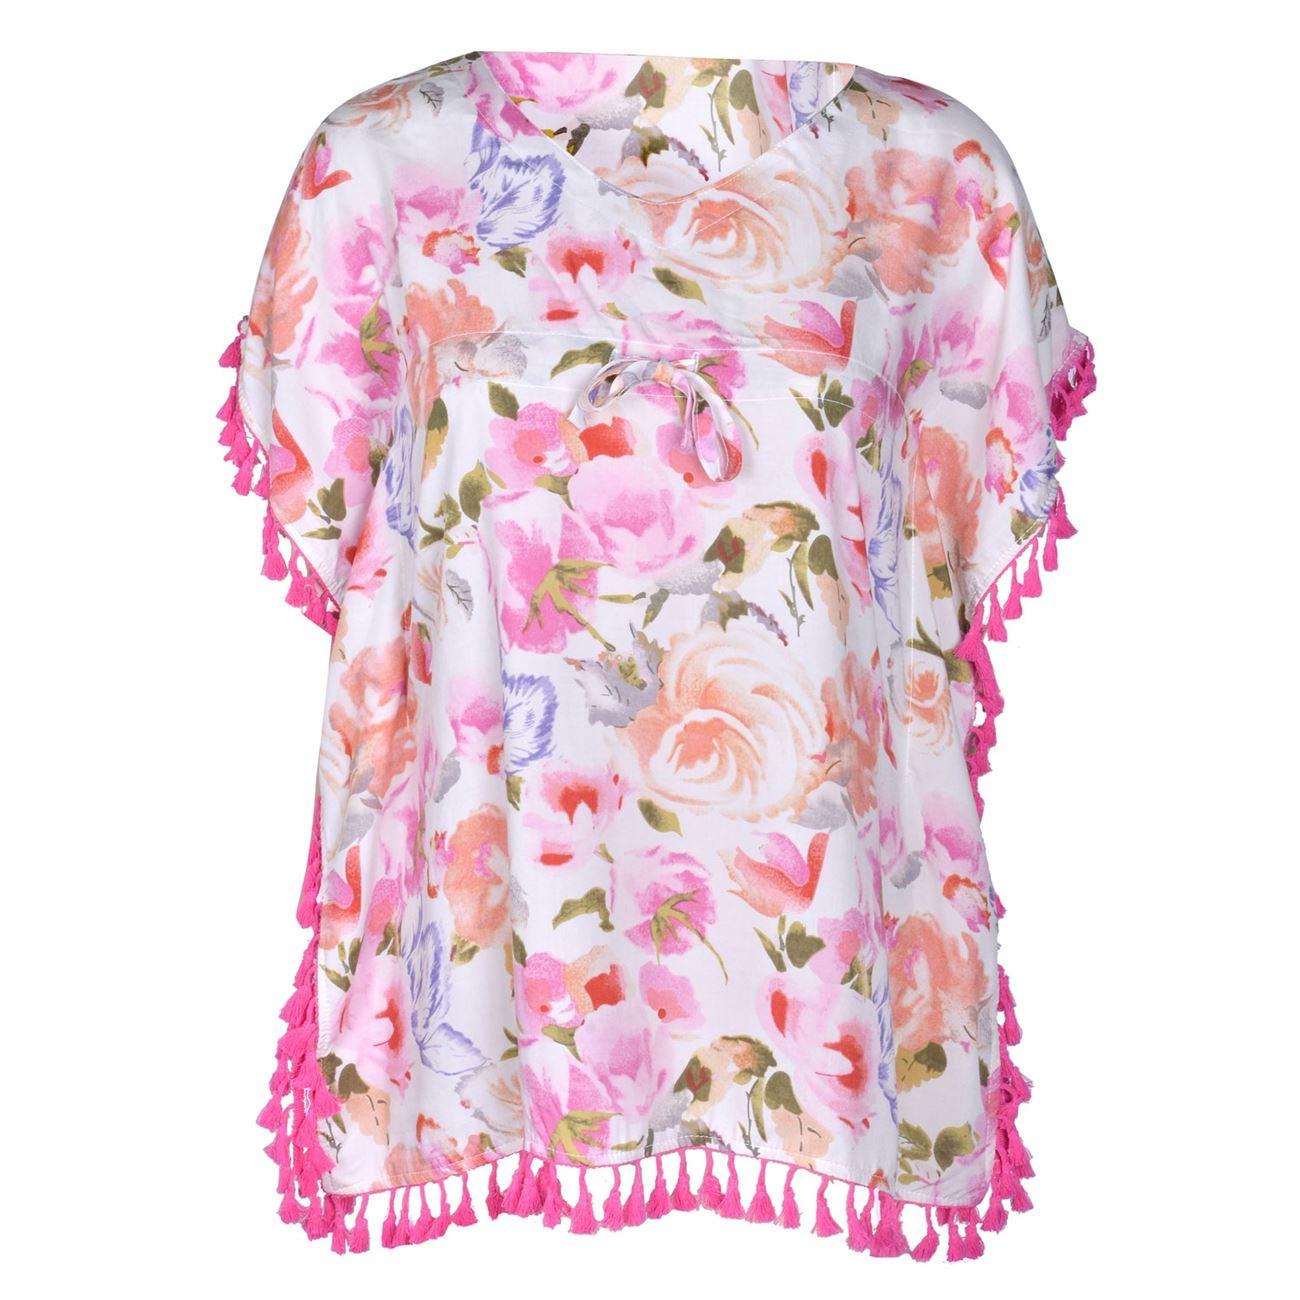 Παιδικά Ρούχα Παραλίας Για Κορίτσια · Καφτάνι Παιδικό Εμπριμέ Φούξια  Φούντες - One Size 26e3bbfc25b